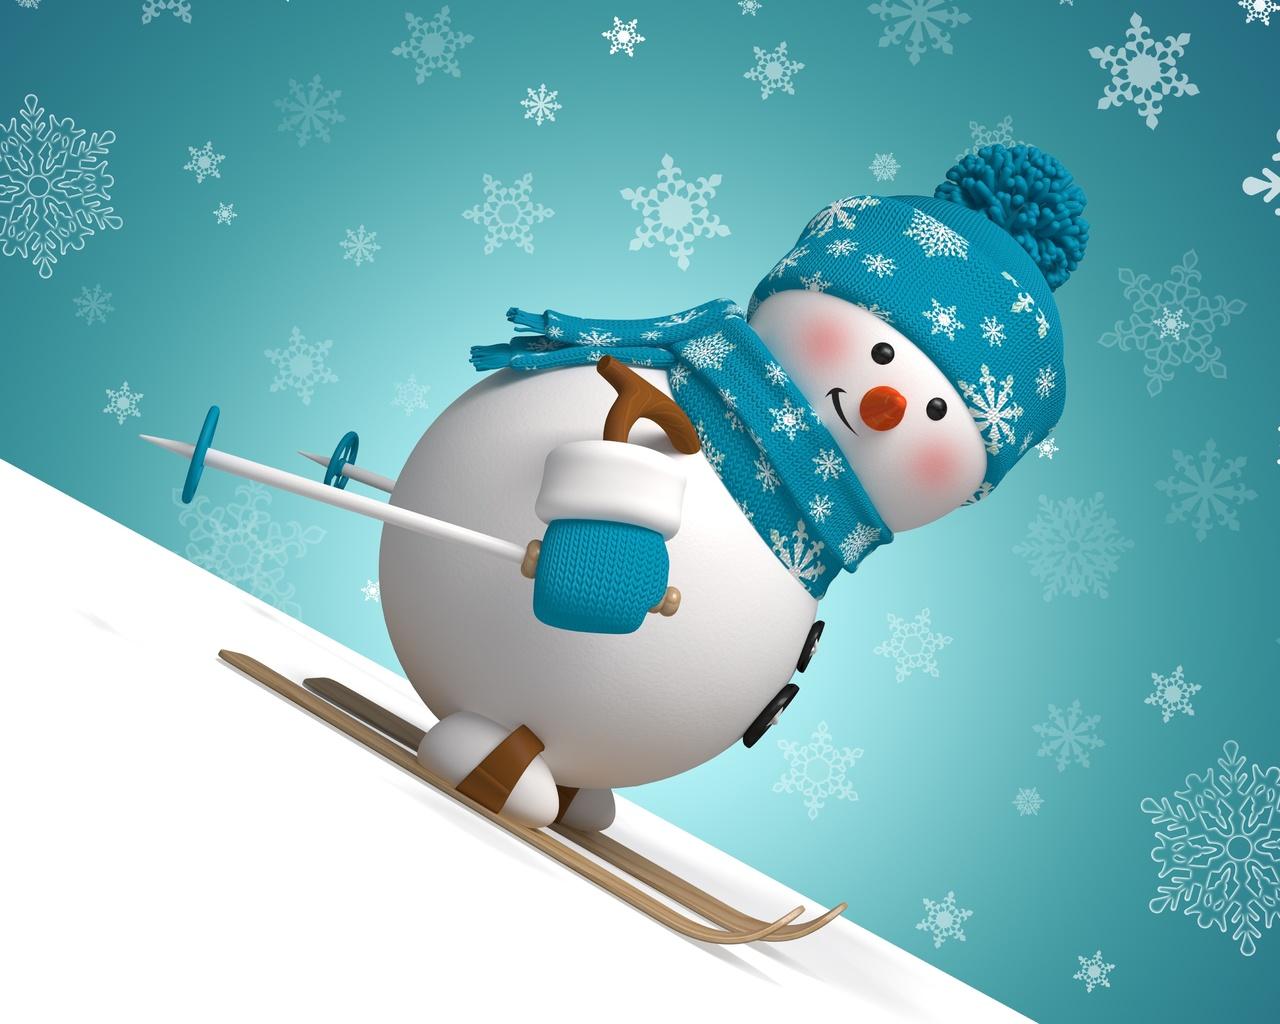 Картинки на телефон Зима  картинки на телефон Зима